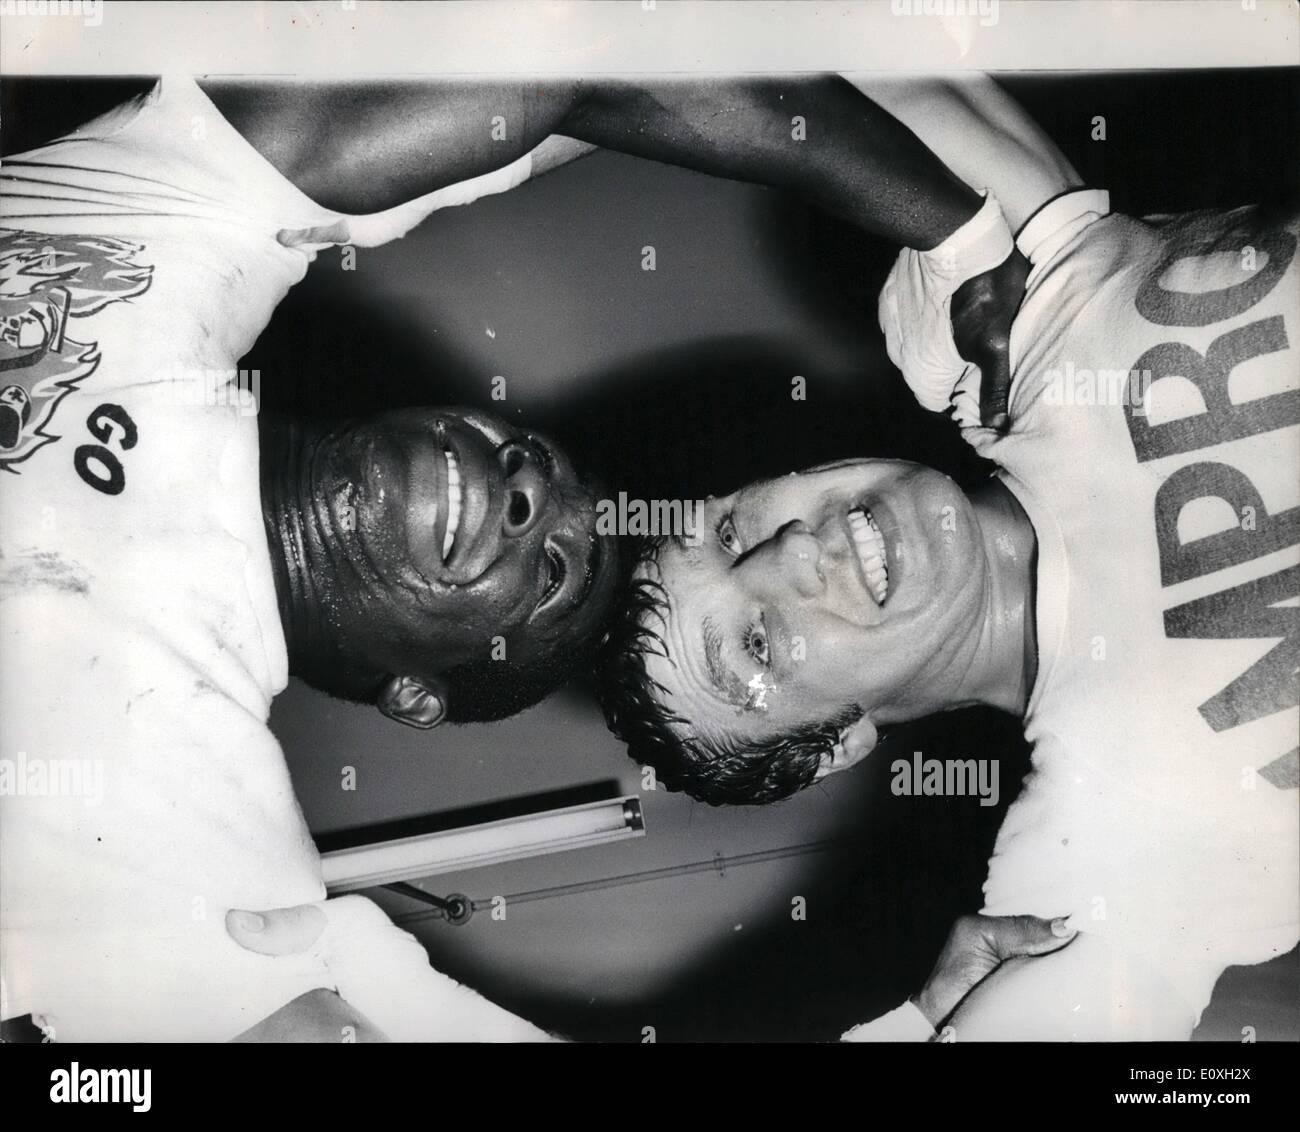 Octubre 10, 1966 - Billy Walter trenes para su lucha con José Mano: peso pesado británico Billy Walker, que es animado y sobre todas las denuncias de soborno, ha insistido en que su próximo oponente tiene un registro más allá de toda duda. Ahora ha firmado hasta cumplir la argentina José Mano, que nunca ha sido apagado sus pies, en el Albert Hall en octubre 25th. Billy estaba teniendo un trabajo en el noble arte de gimnasio en Haverstock Hill hoy. La foto muestra una imagen de ángulo exclusivo de Billy Walker y sus sparring John Hendrickson como ellos tiran con todo su peso el uno contra el otro en un clinch, durante un entrenamiento hechizo hoy. Imagen De Stock